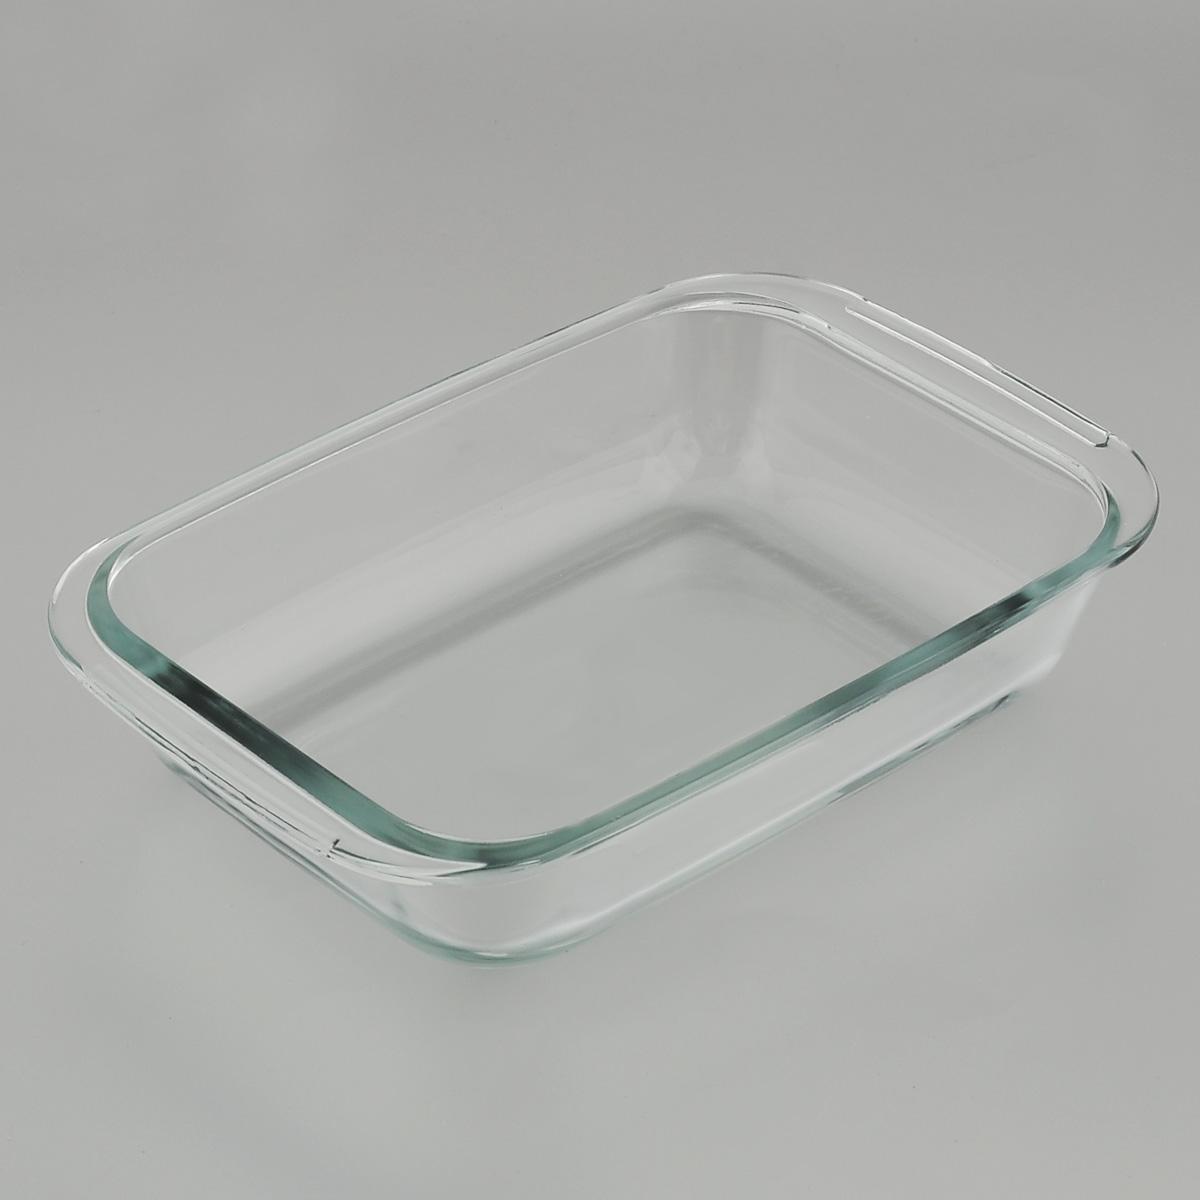 Форма для запекания Mijotex, прямоугольная, 23 х 15 см391602Прямоугольная форма для запекания Mijotex изготовлена из жаропрочного стекла, которое выдерживает температуру до +450°С. Форма предназначена для приготовления горячих блюд. Оснащена двумя ручками. Материал изделия гигиеничен, прост в уходе и обладает высокой степенью прочности. Форма идеально подходит для использования в духовках, микроволновых печах, холодильниках и морозильных камерах. Также ее можно использовать на газовых плитах (на слабом огне) и на электроплитах. Можно мыть в посудомоечной машине.Внутренний размер формы: 19 см х 15 см.Внешний размер формы (с учетом ручек): 23 см х 15 см. Высота стенки формы: 5 см.